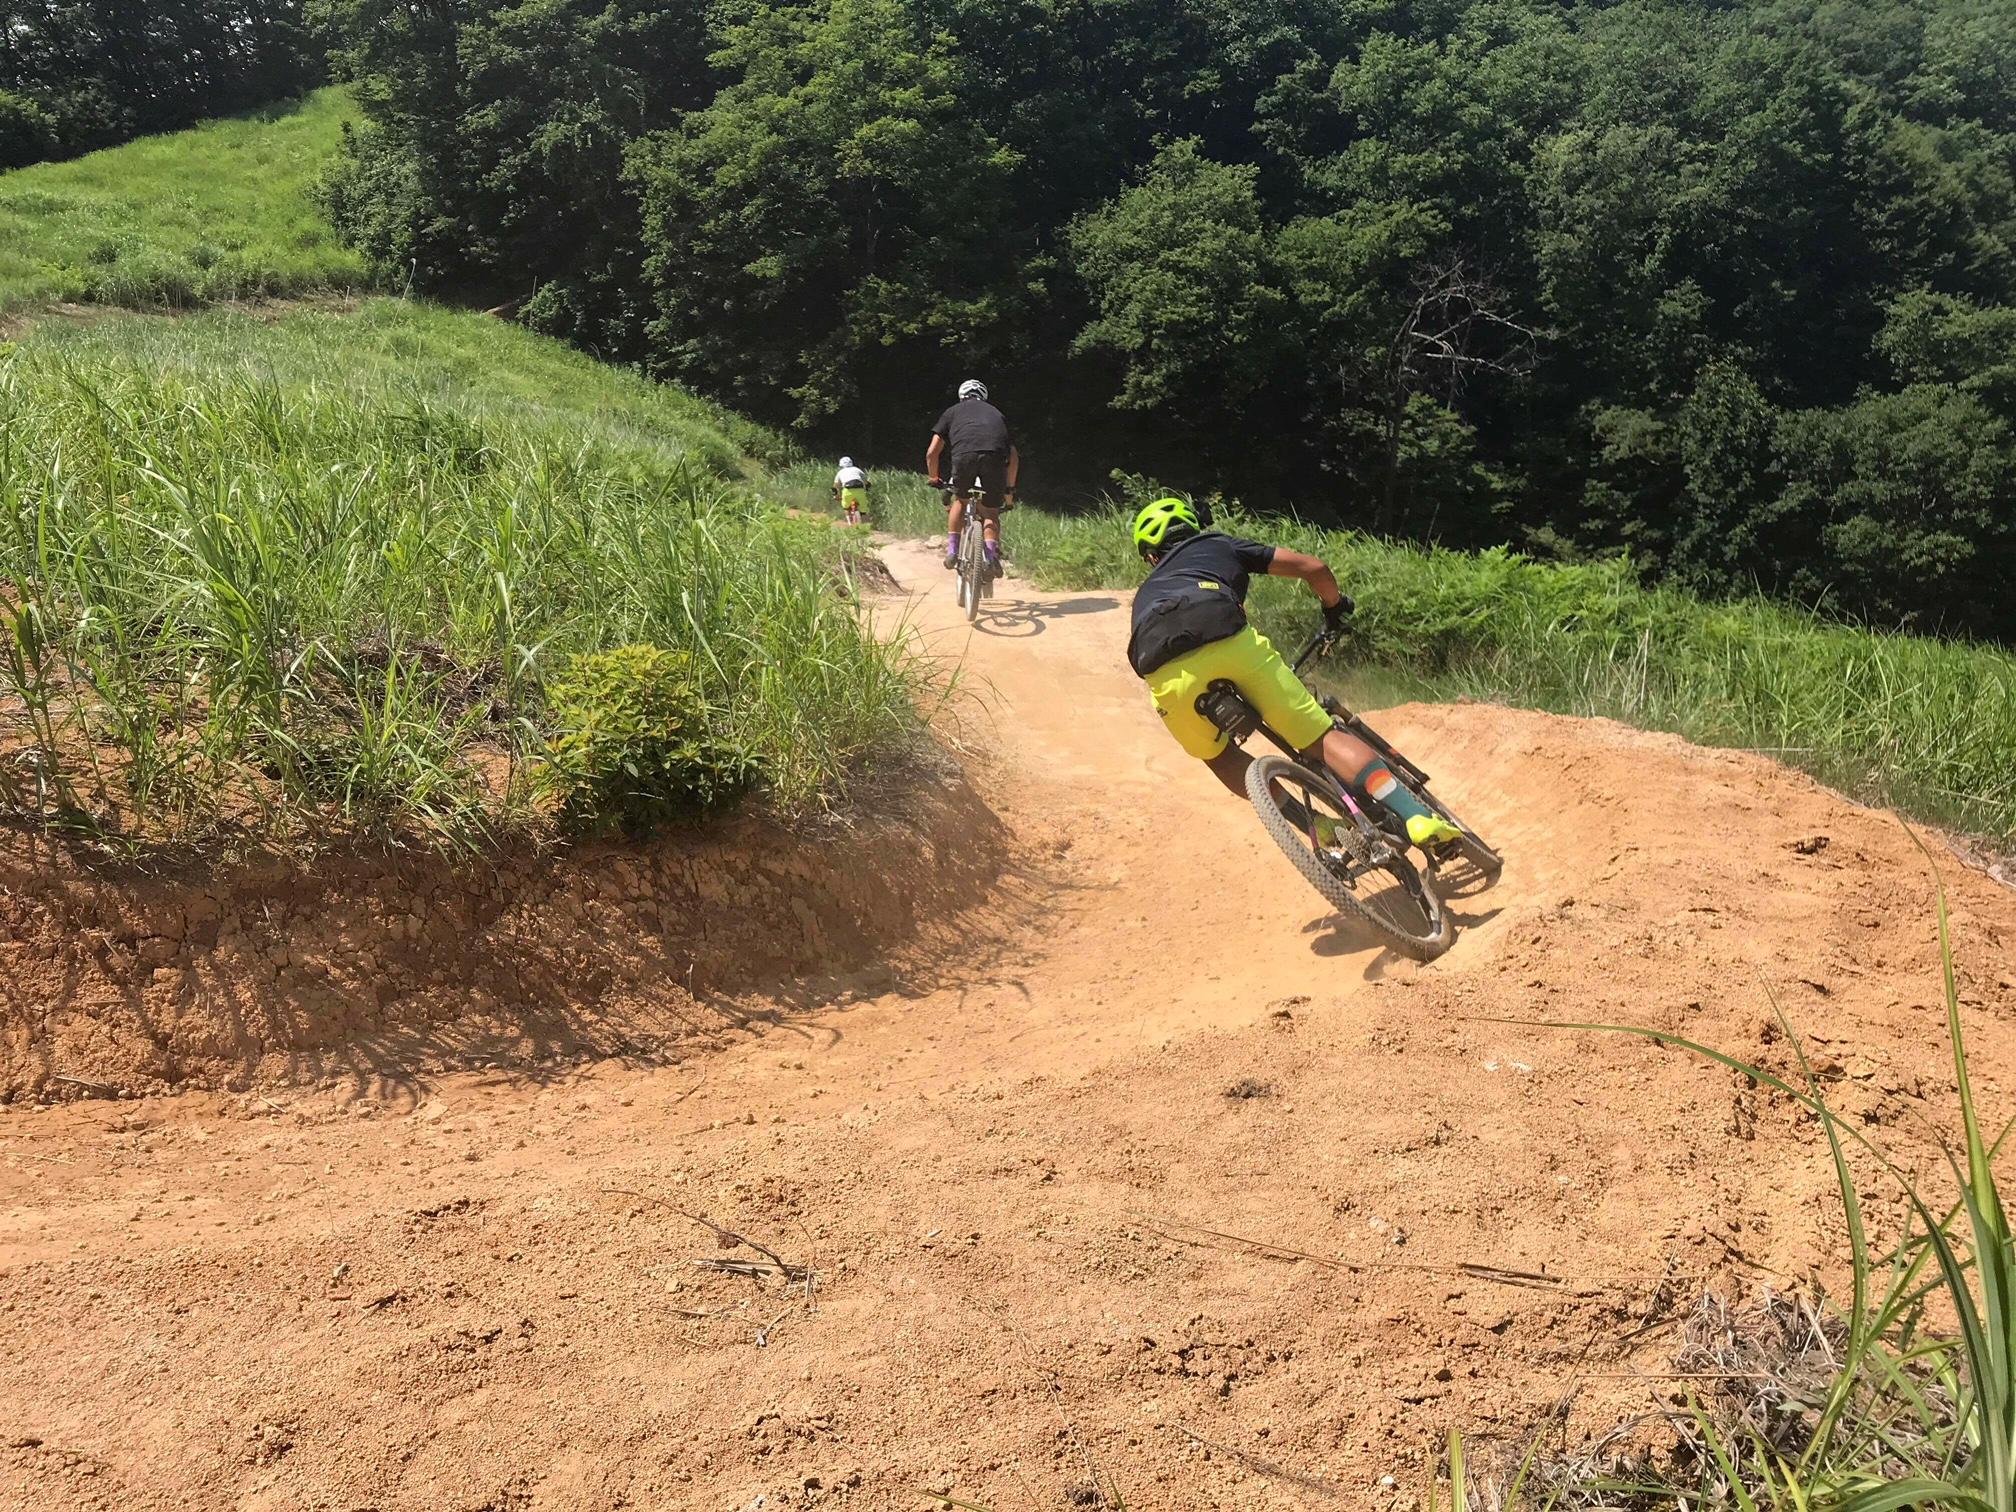 【暑さから逃げて】マウンテンバイクパーク初体験【白馬岩岳へ】